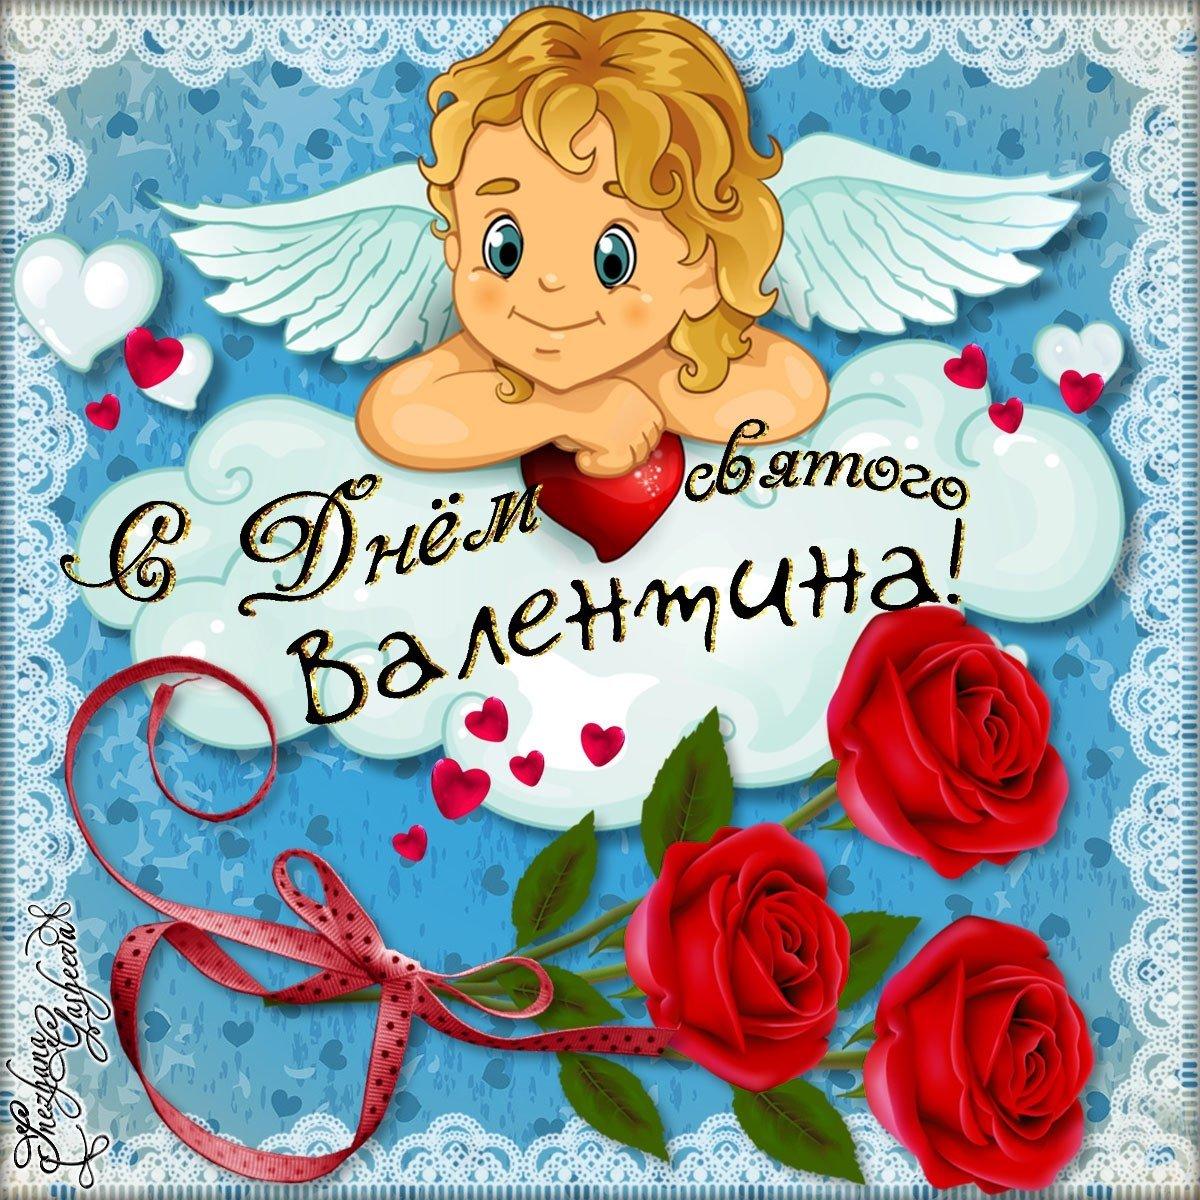 Короткие поздравления с Днем святого Валентина - Поздравок 93